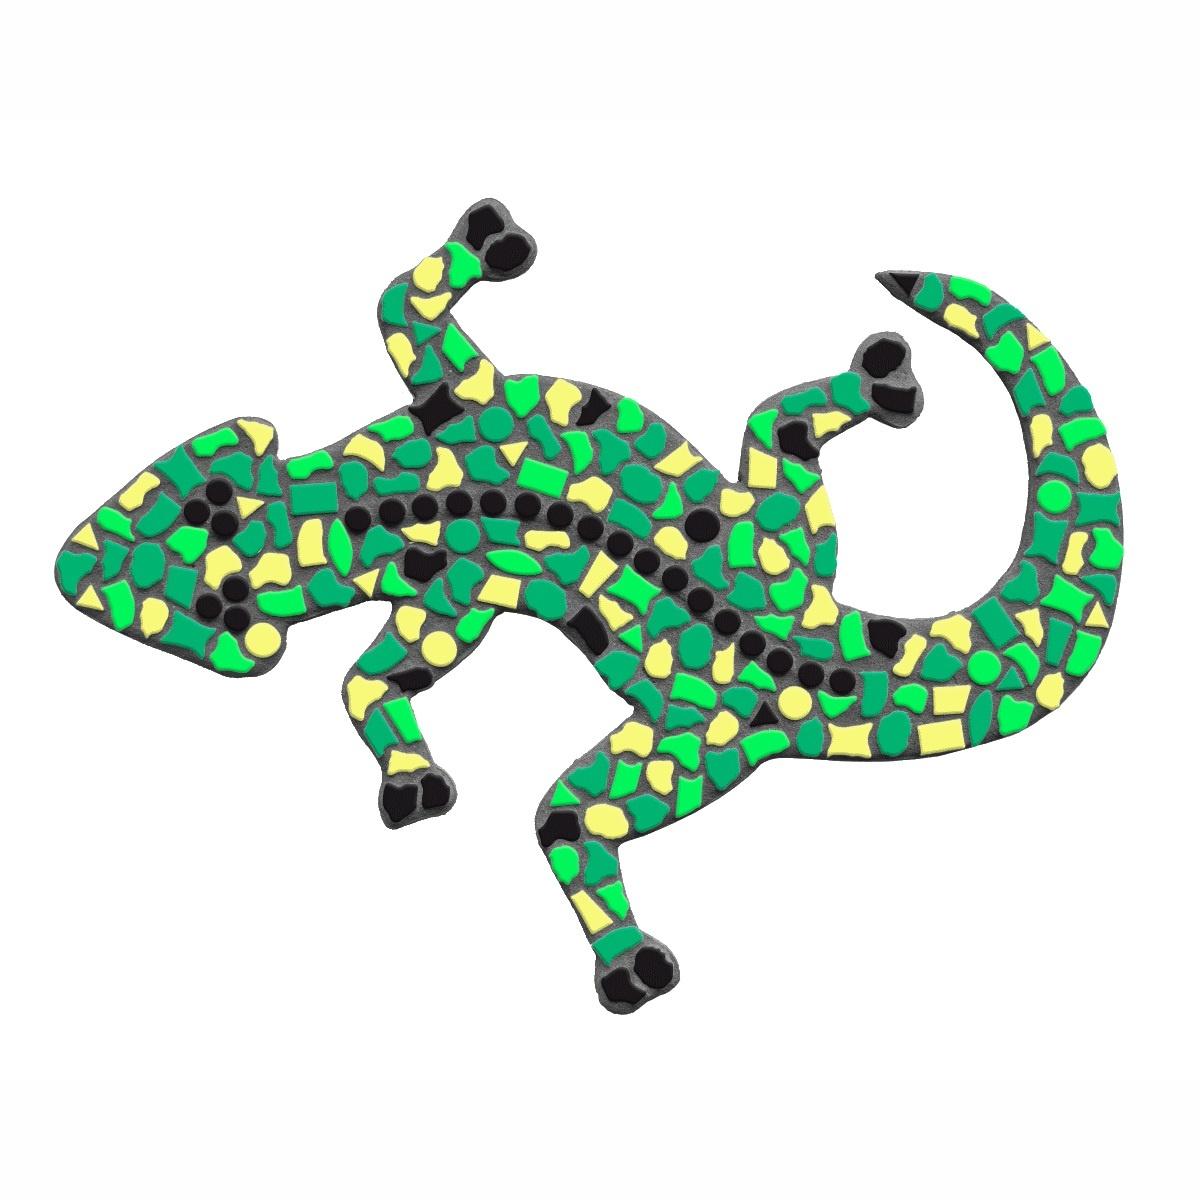 Gekko Mozaiek pakket Lichtgroen-Donkergroen-Geel